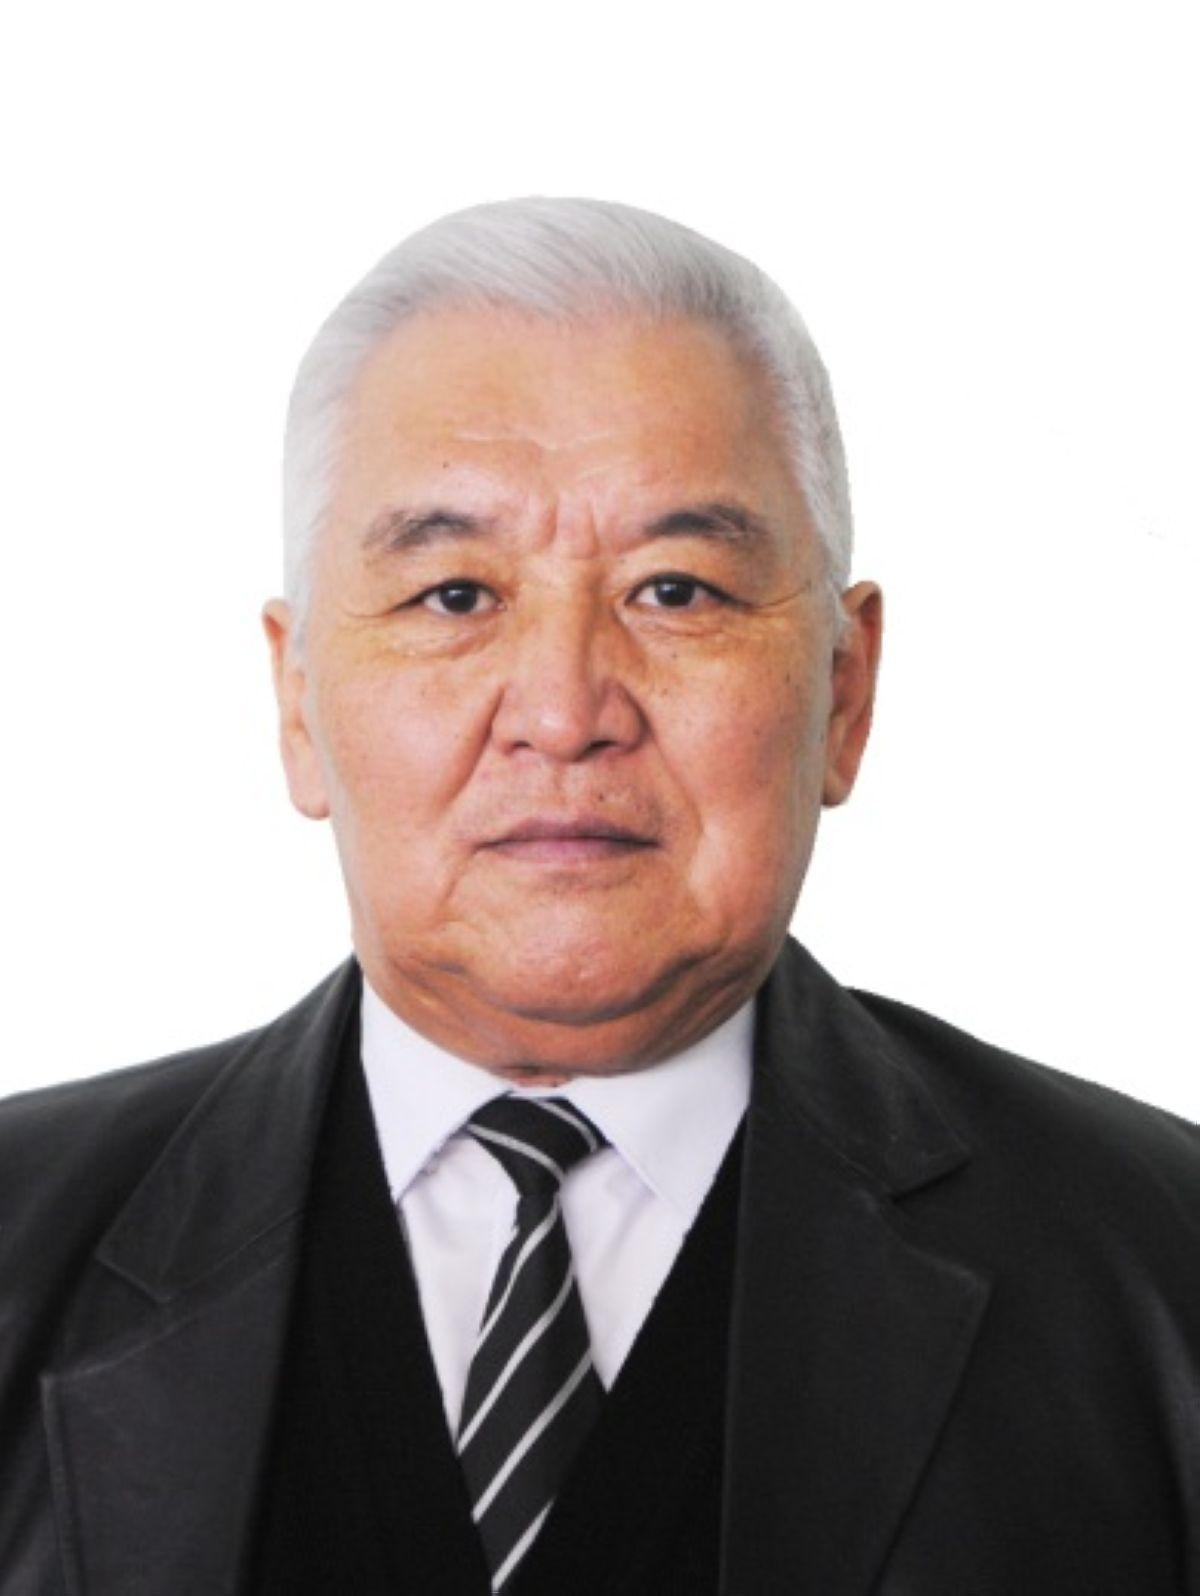 Kyrgyzbay Begimbekov